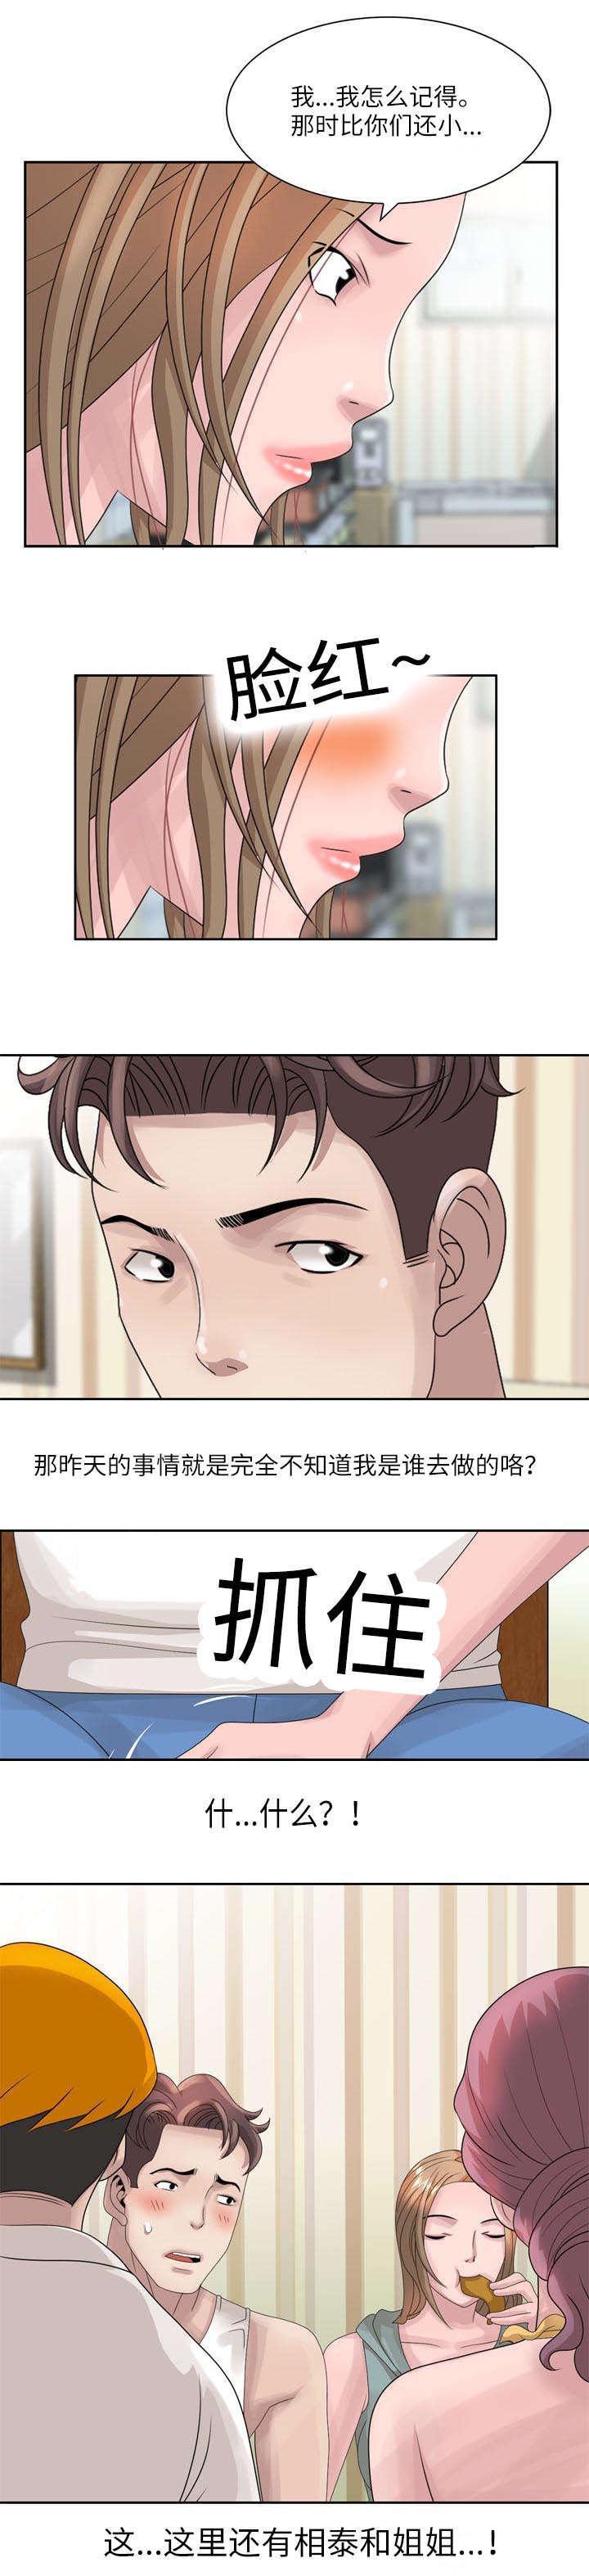 韩国漫画《回乡之旅》无删减-百度云网盘资源合集